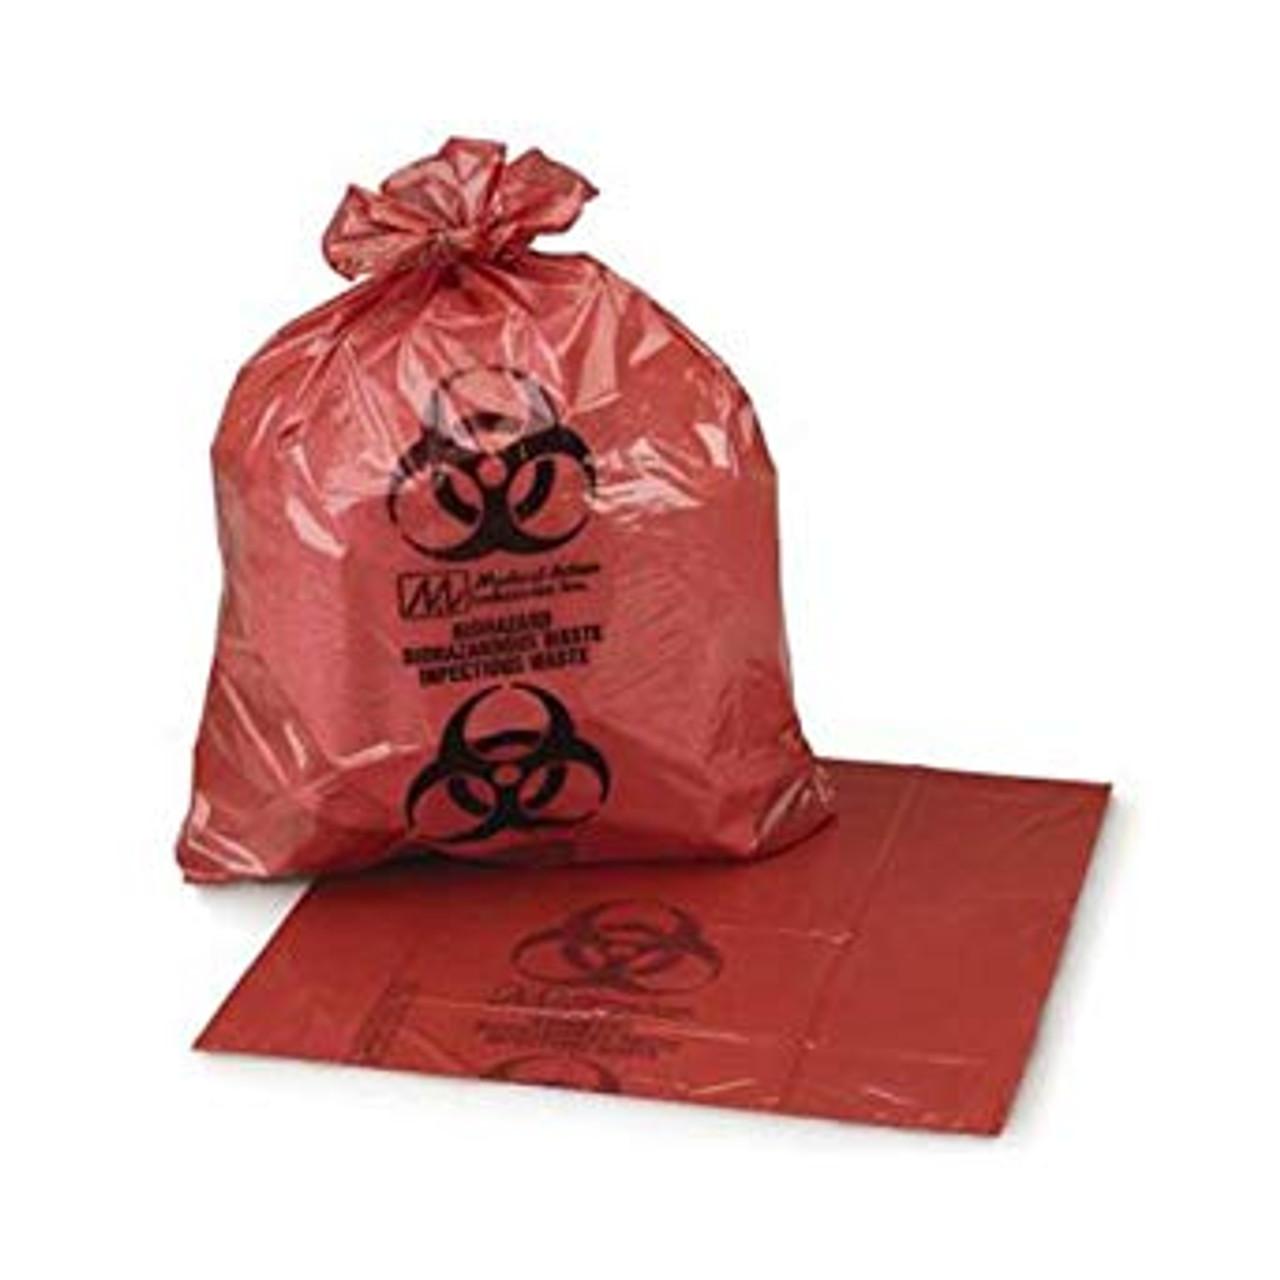 20-30 Gallon Biohazard Bag (Red) 250/case